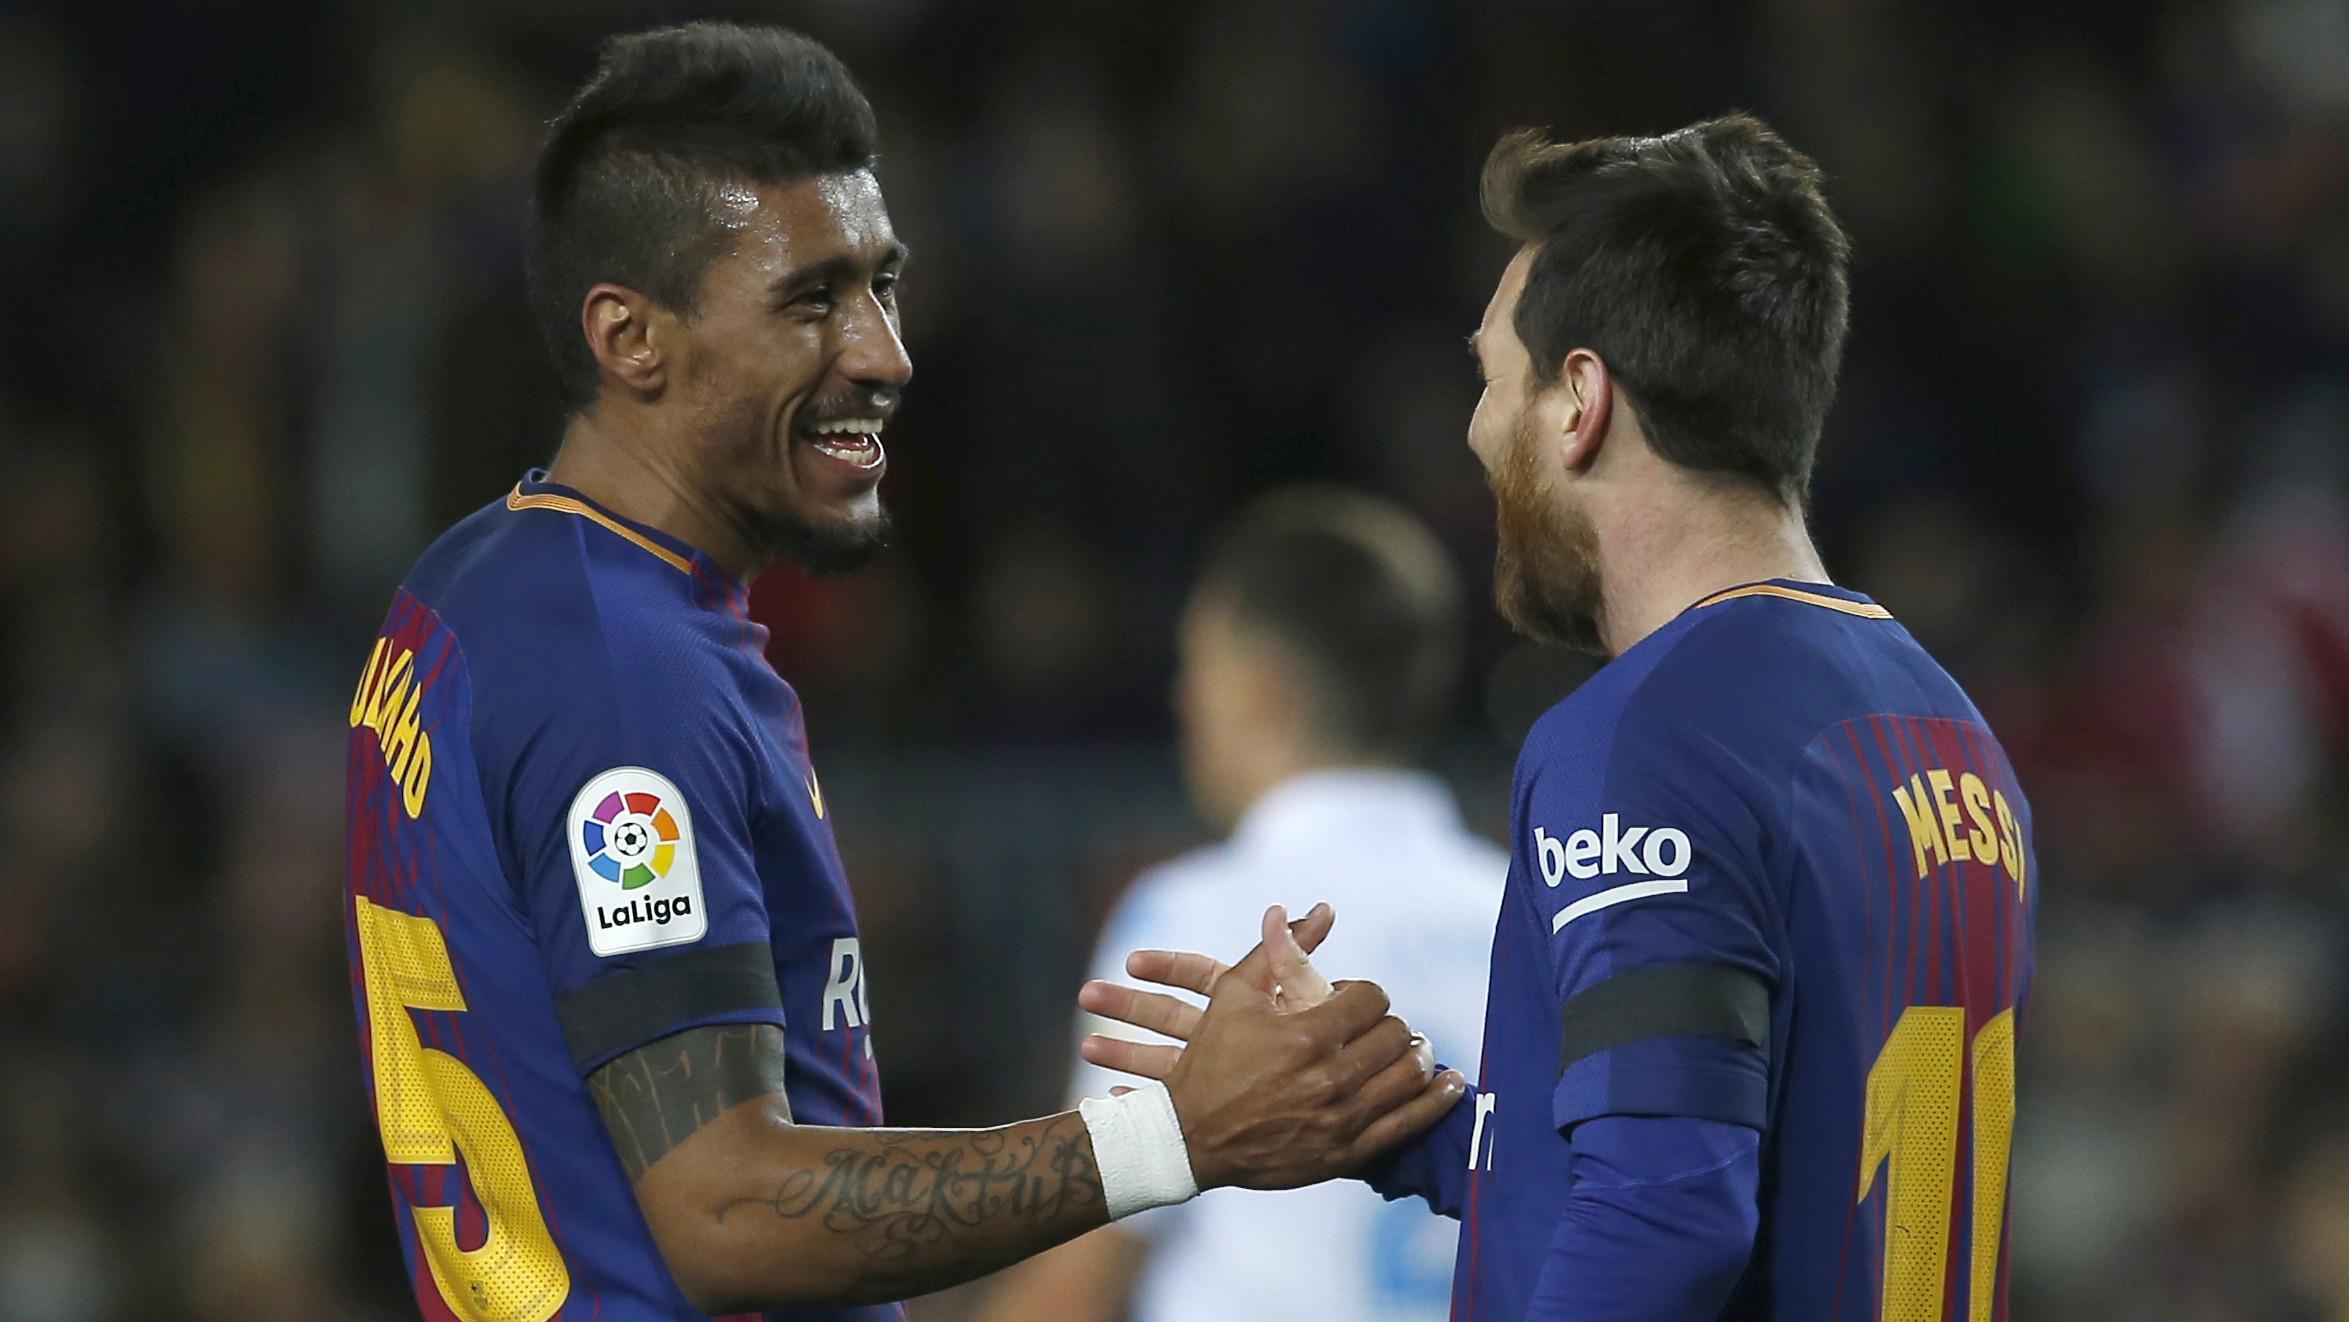 Paulinho dan Lionel Messi merayakan kemenangan usai melawan Deportivo La Coruna pada lanjutan La Liga Santander di Camp Nou stadium, Barcelona, (17/12/2017). Barcelona menang 4-0. (AP/Manu Fernandez)